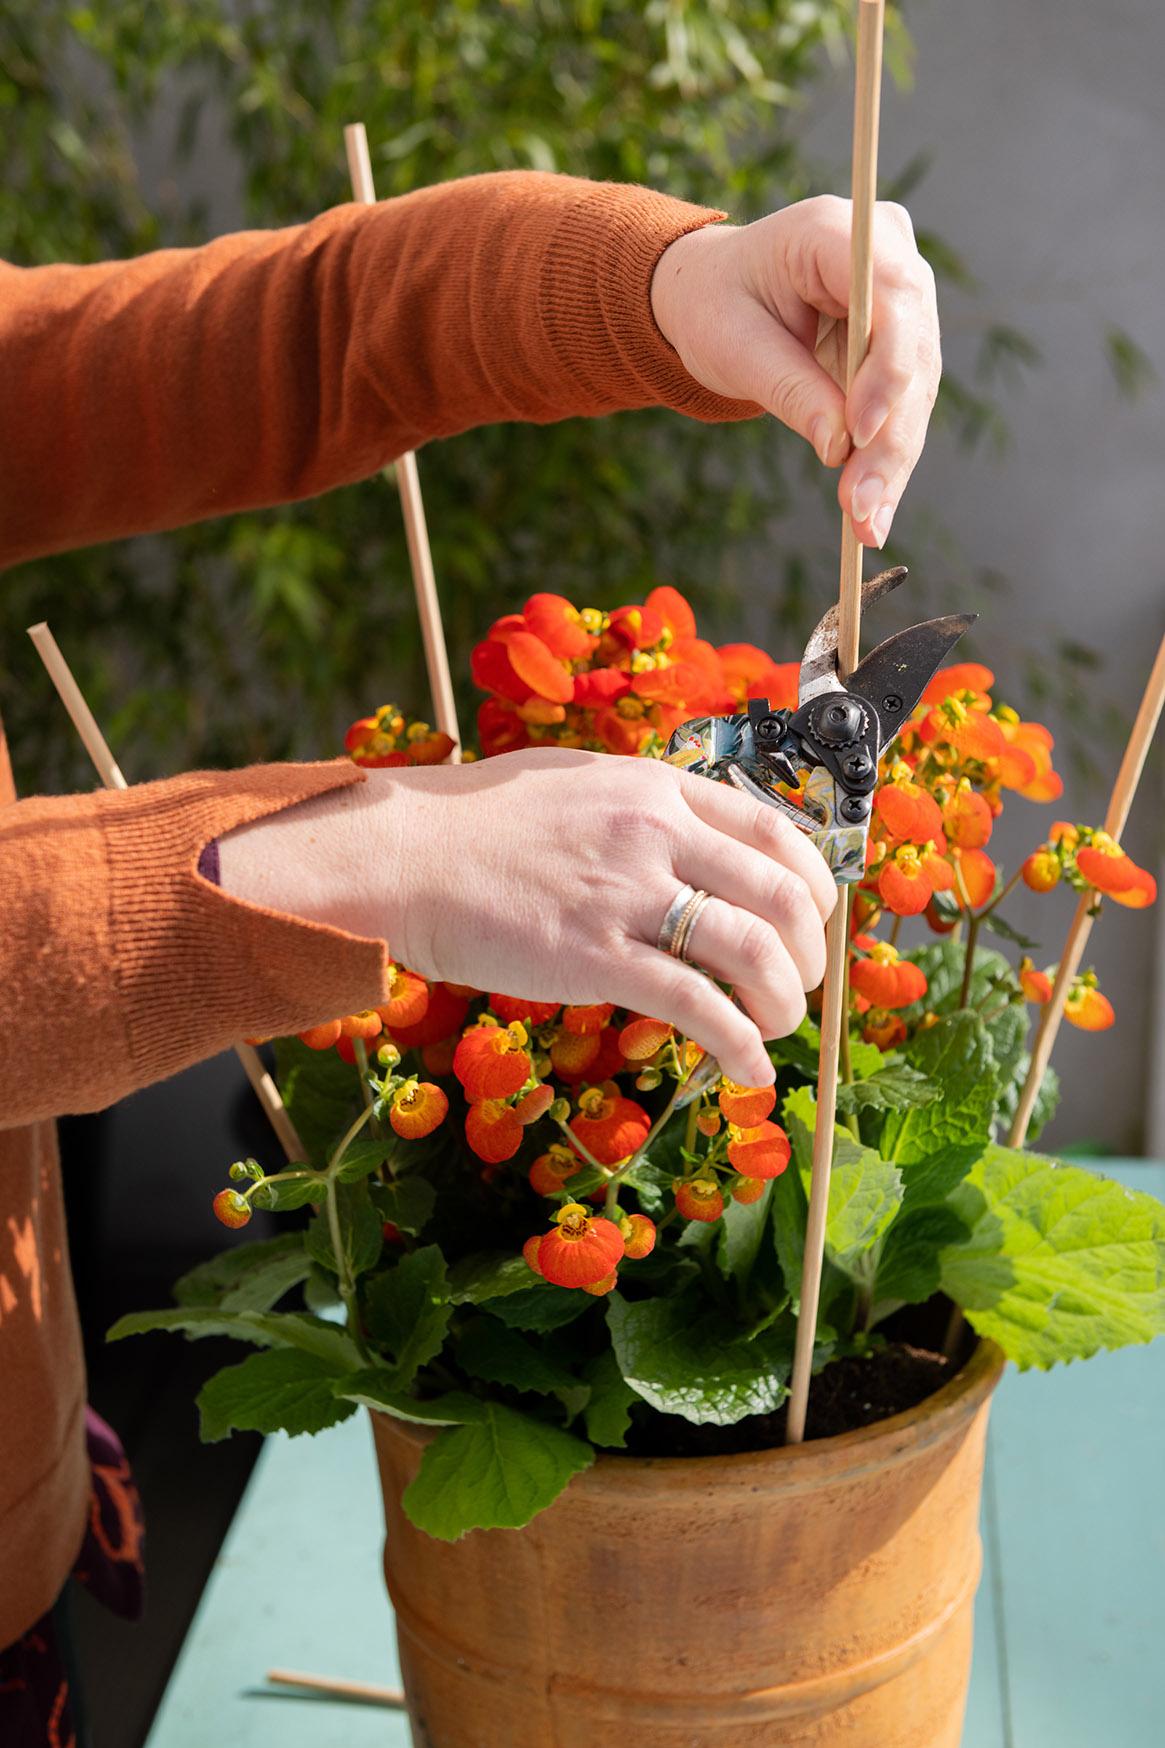 Einpacken folie blumentopf in Blumentopf in